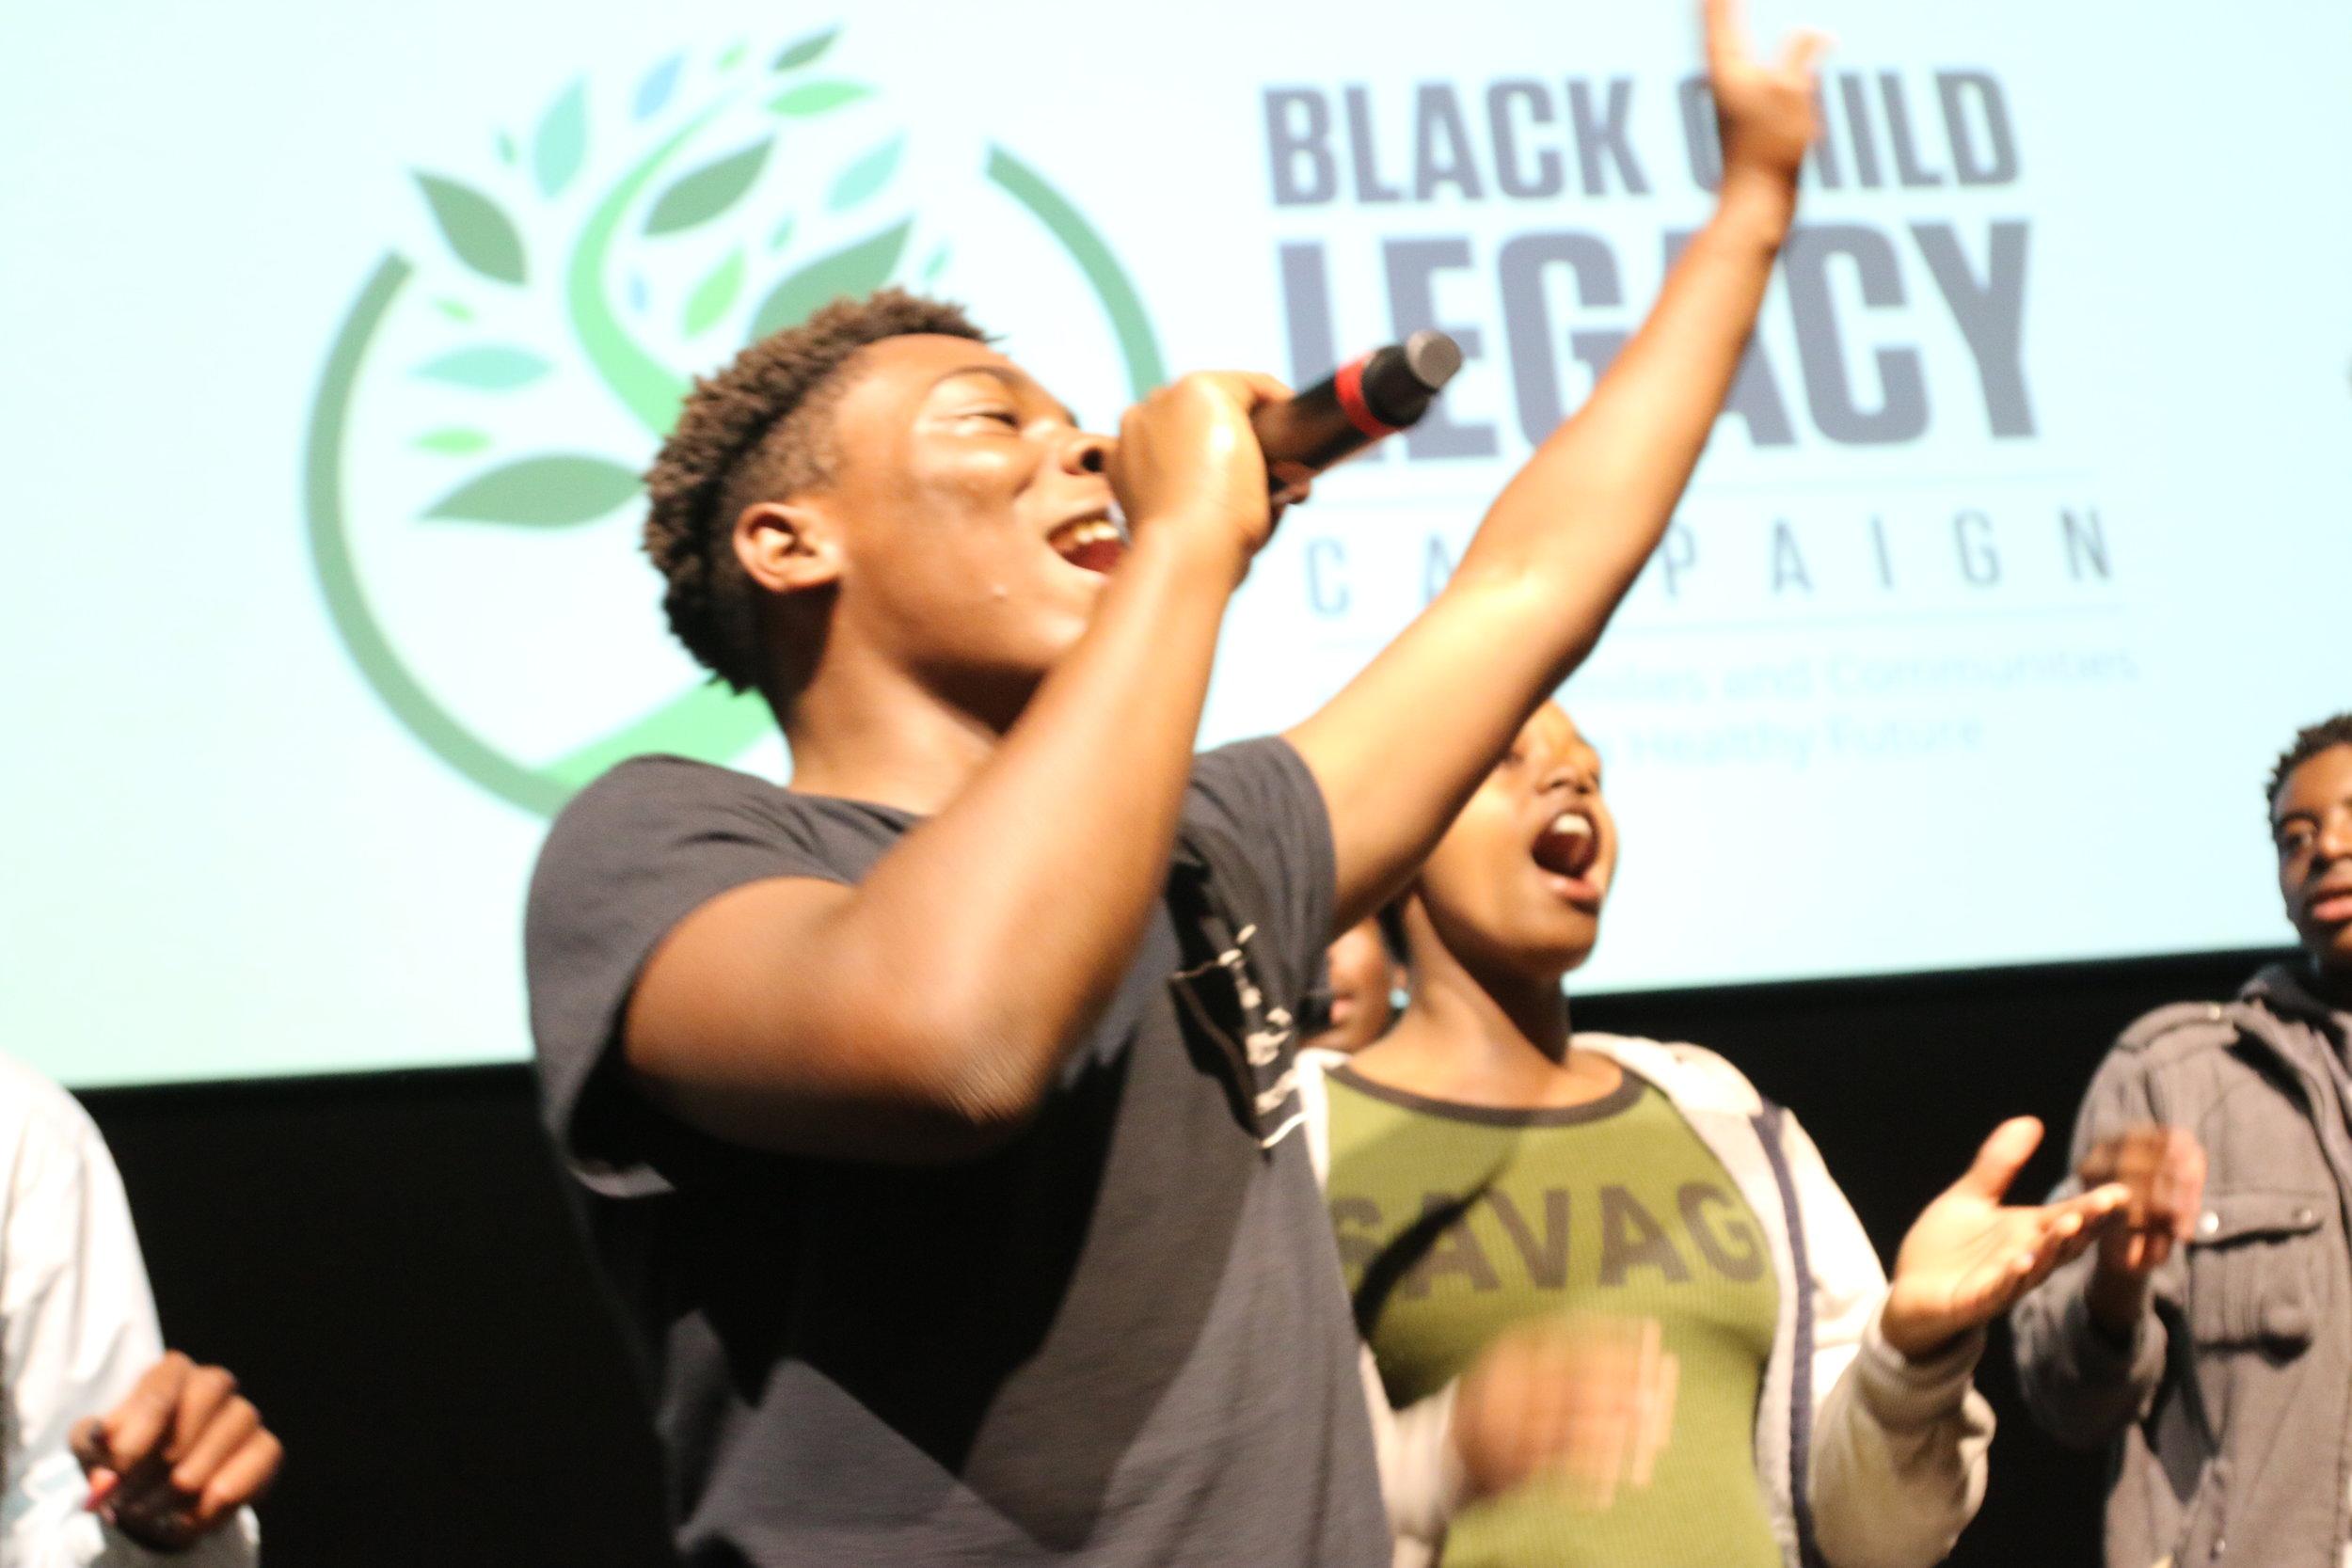 www.blackchildlegacy.org